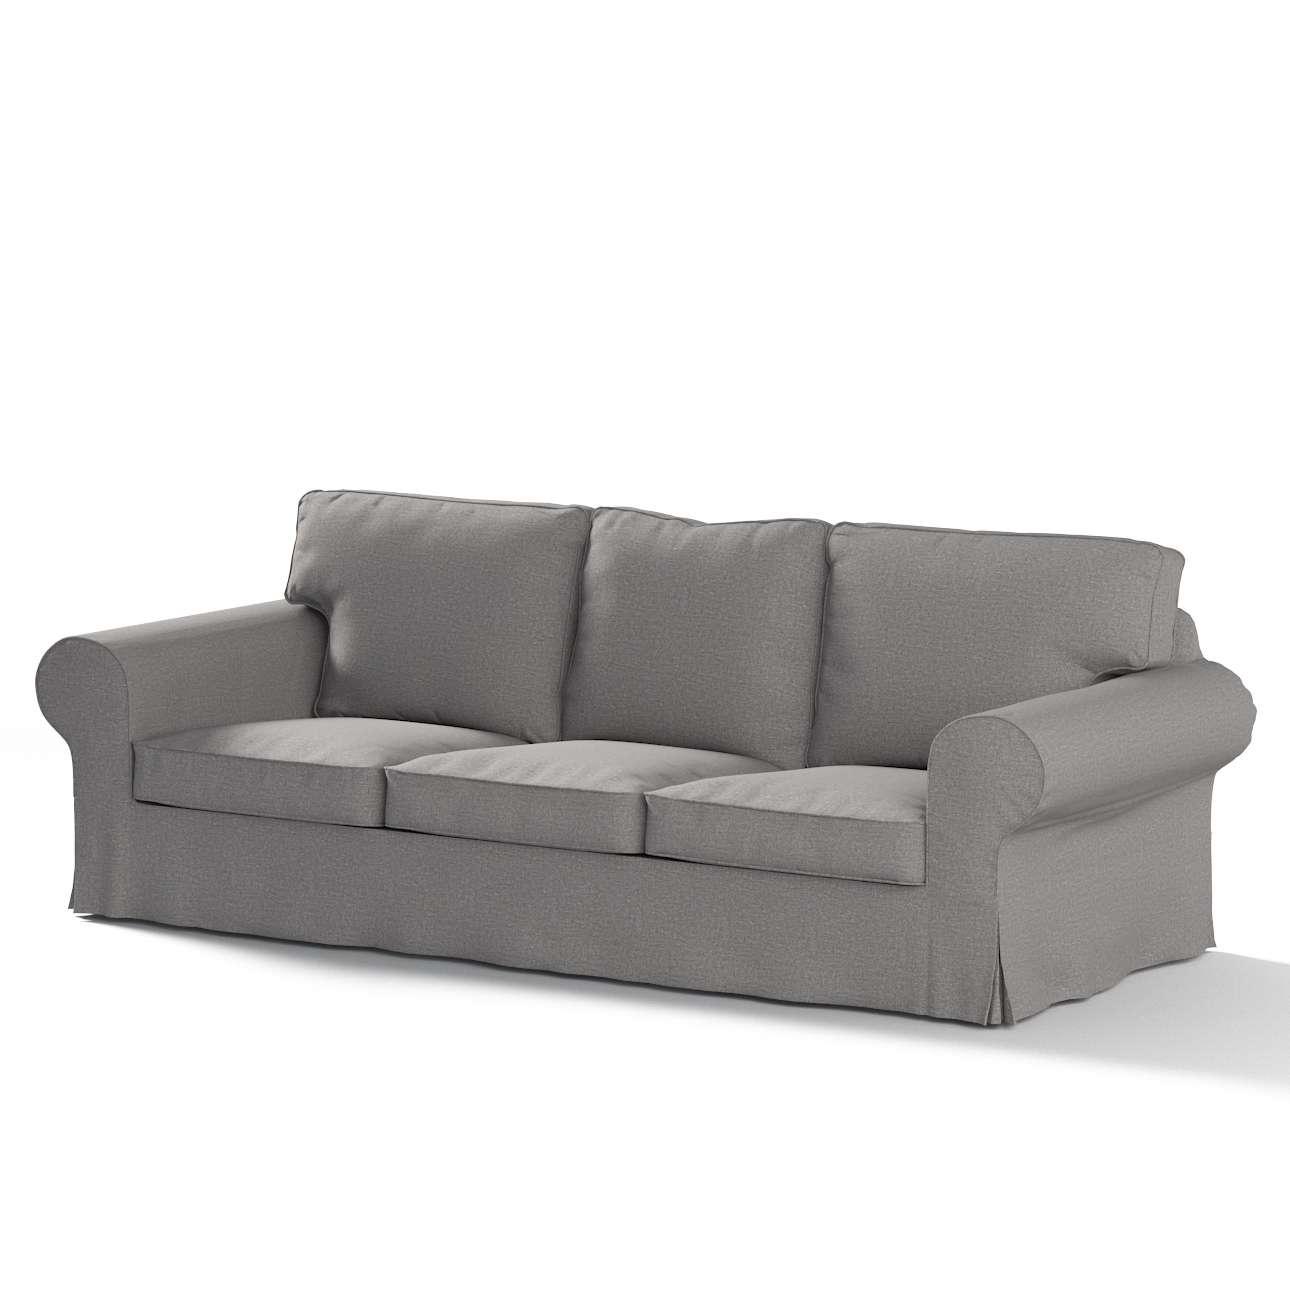 Pokrowiec na sofę Ektorp 3-osobową, rozkładaną STARY MODEL Sofa Ektorp 3-osobowa rozkładana w kolekcji Edinburgh, tkanina: 115-81